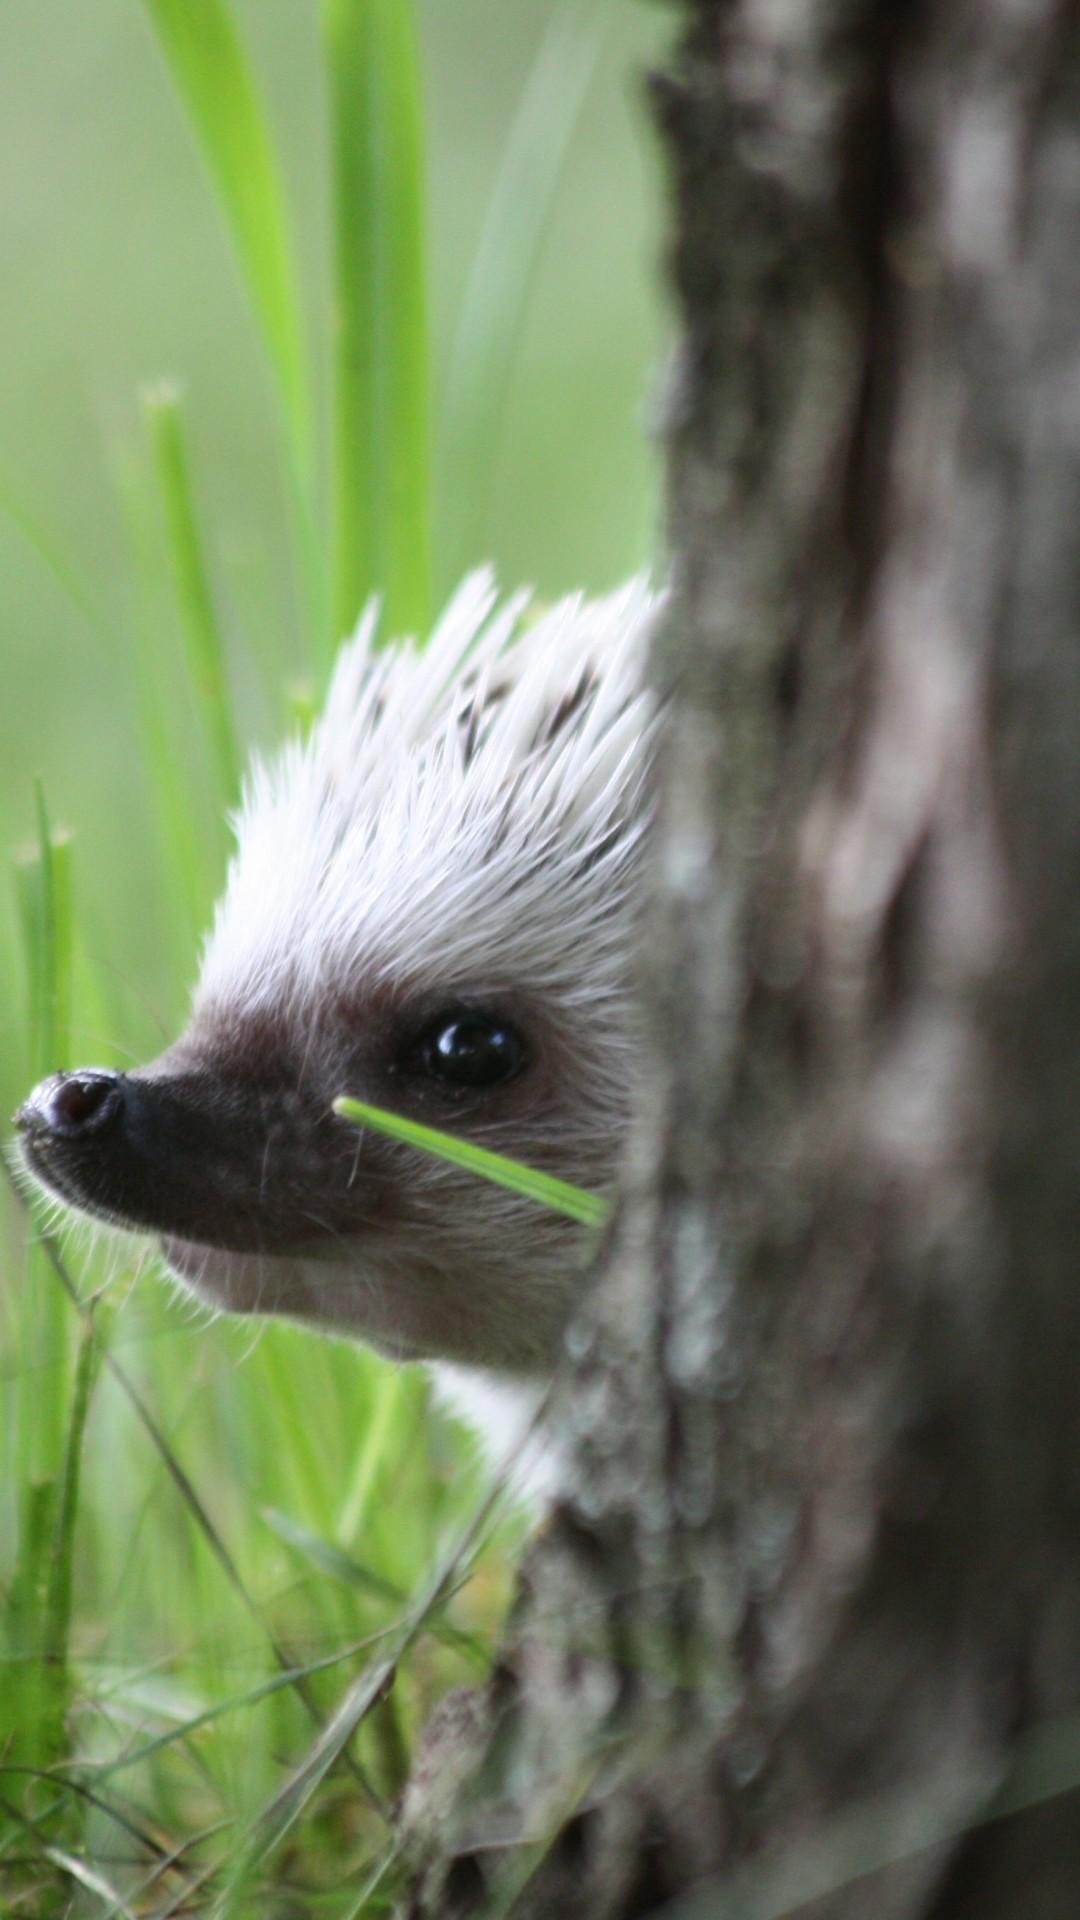 Free Hedgehog peep out phone wallpaper by brttny2hrnr